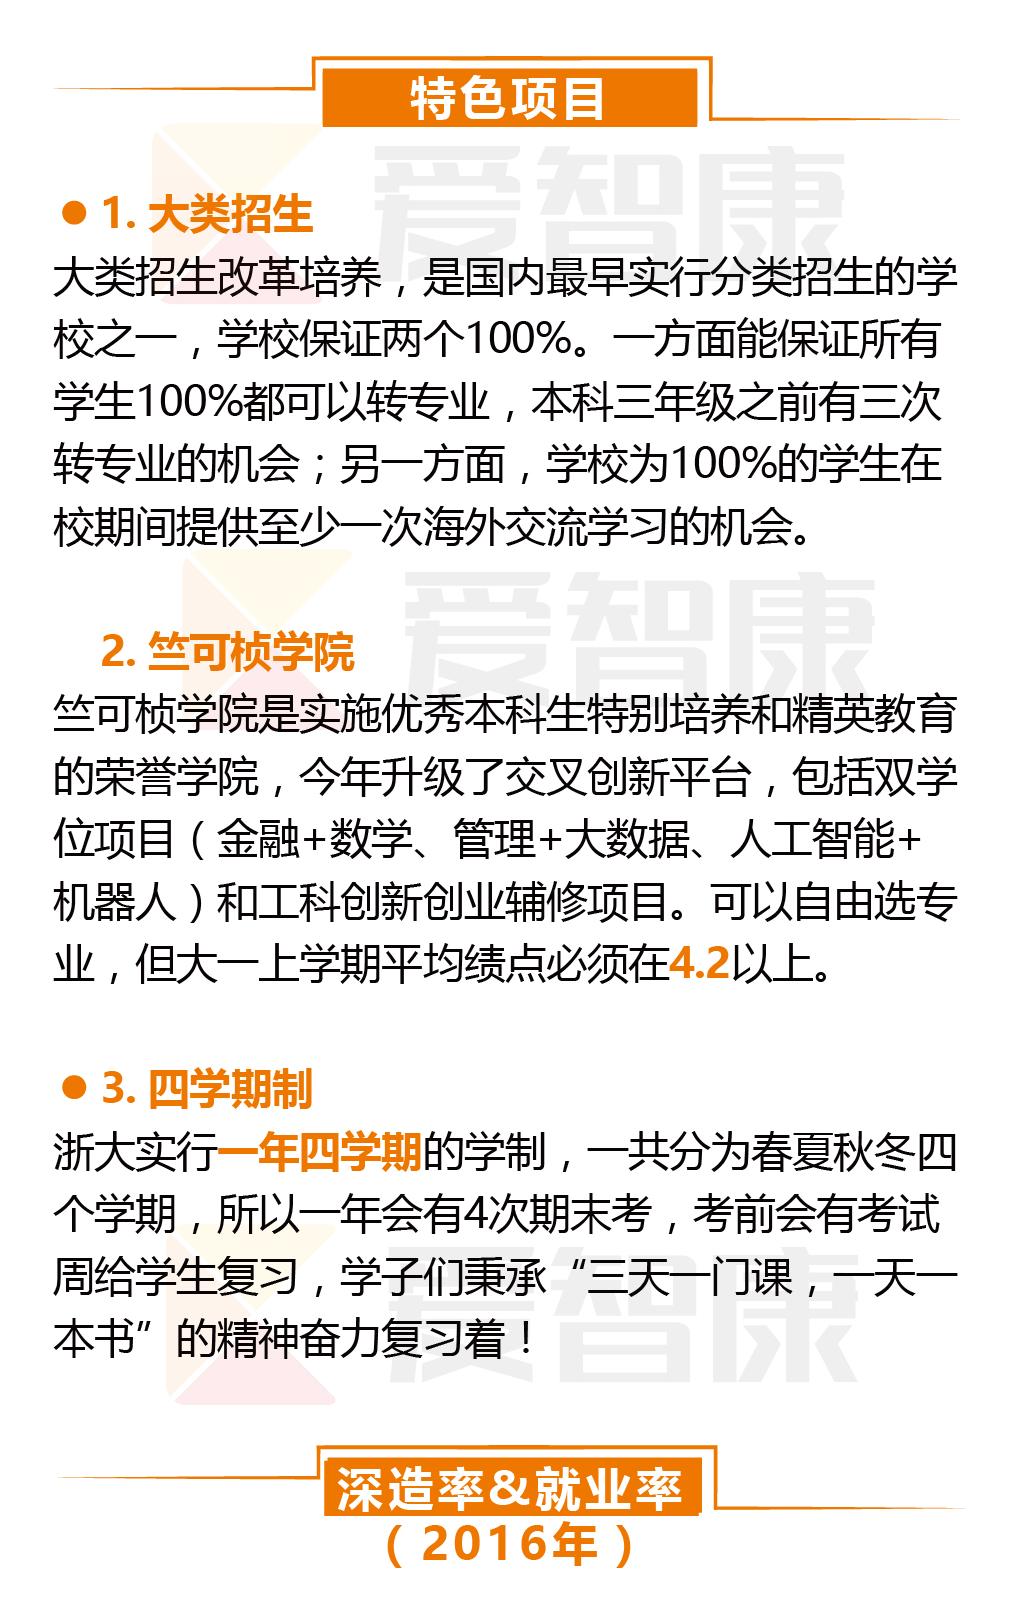 浙江大学特色项目